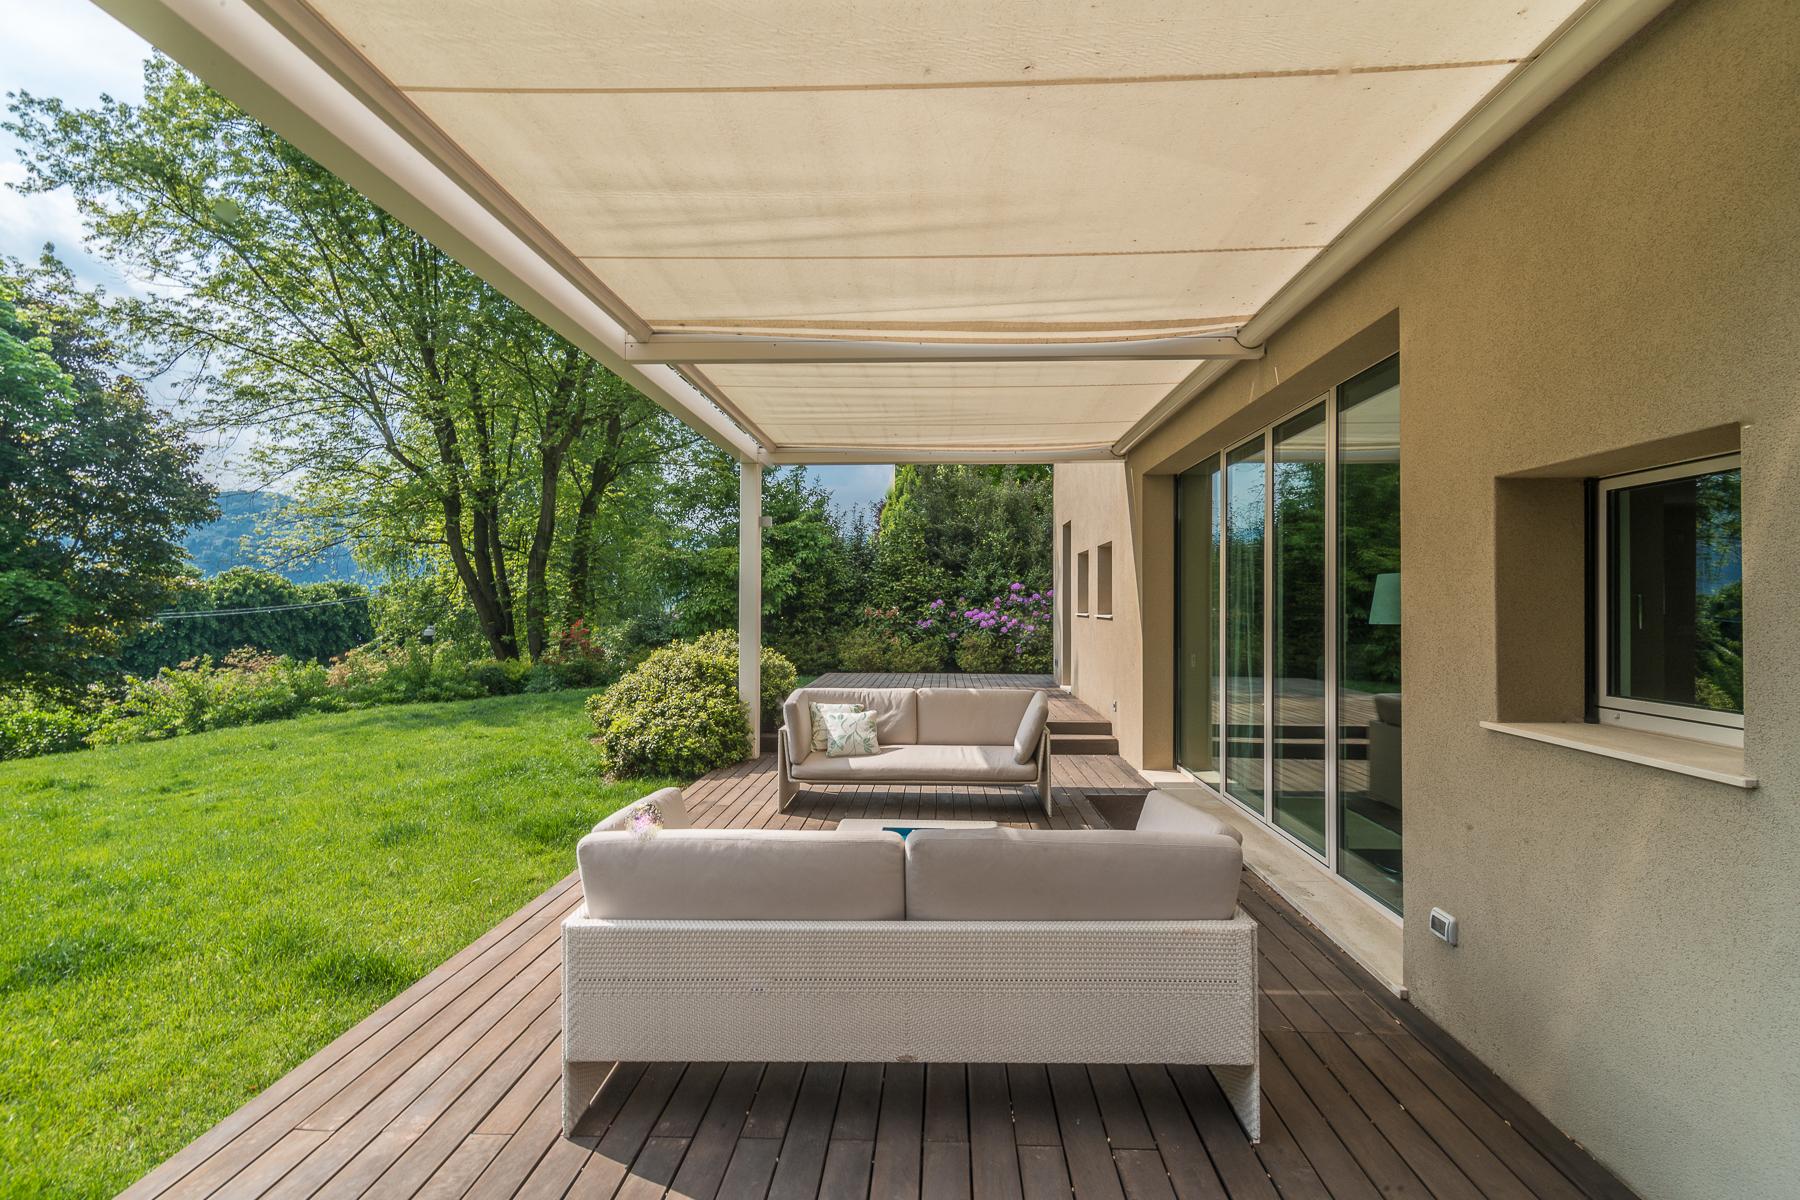 Villa in Vendita a Angera: 5 locali, 460 mq - Foto 6